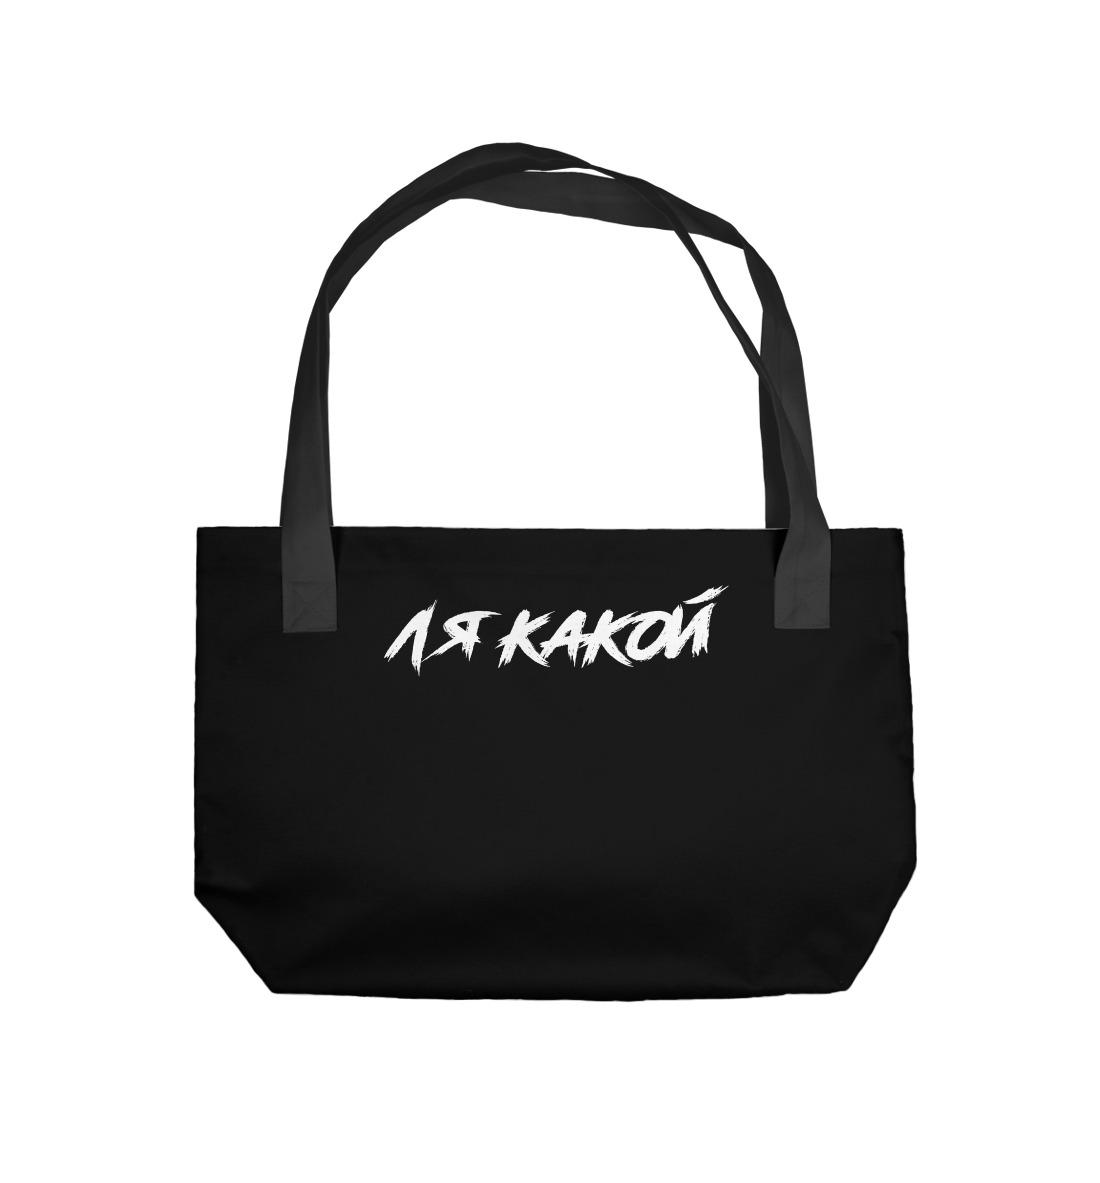 Пляжная сумка Ля какой